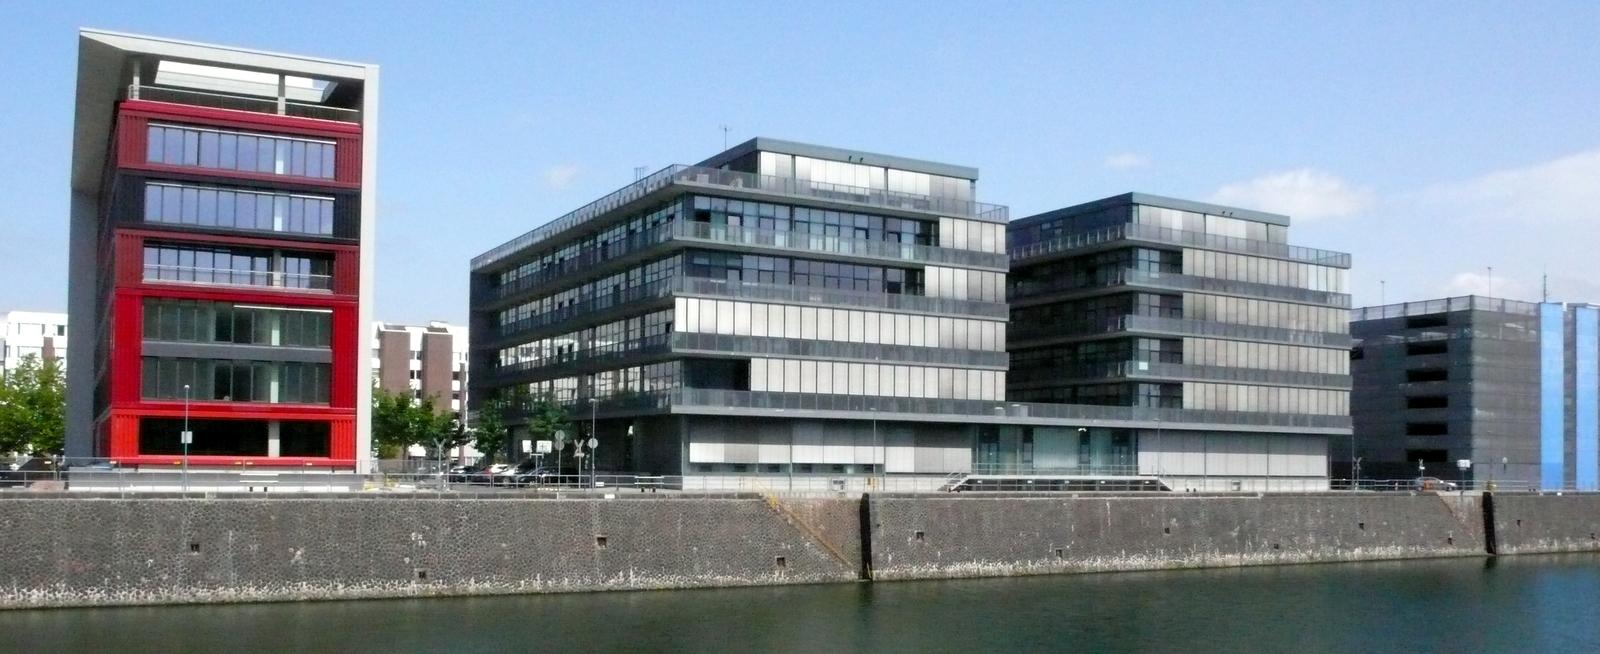 100-jahre-osthafen-doku-2 100 Jahre Osthafen  ~ DOKU